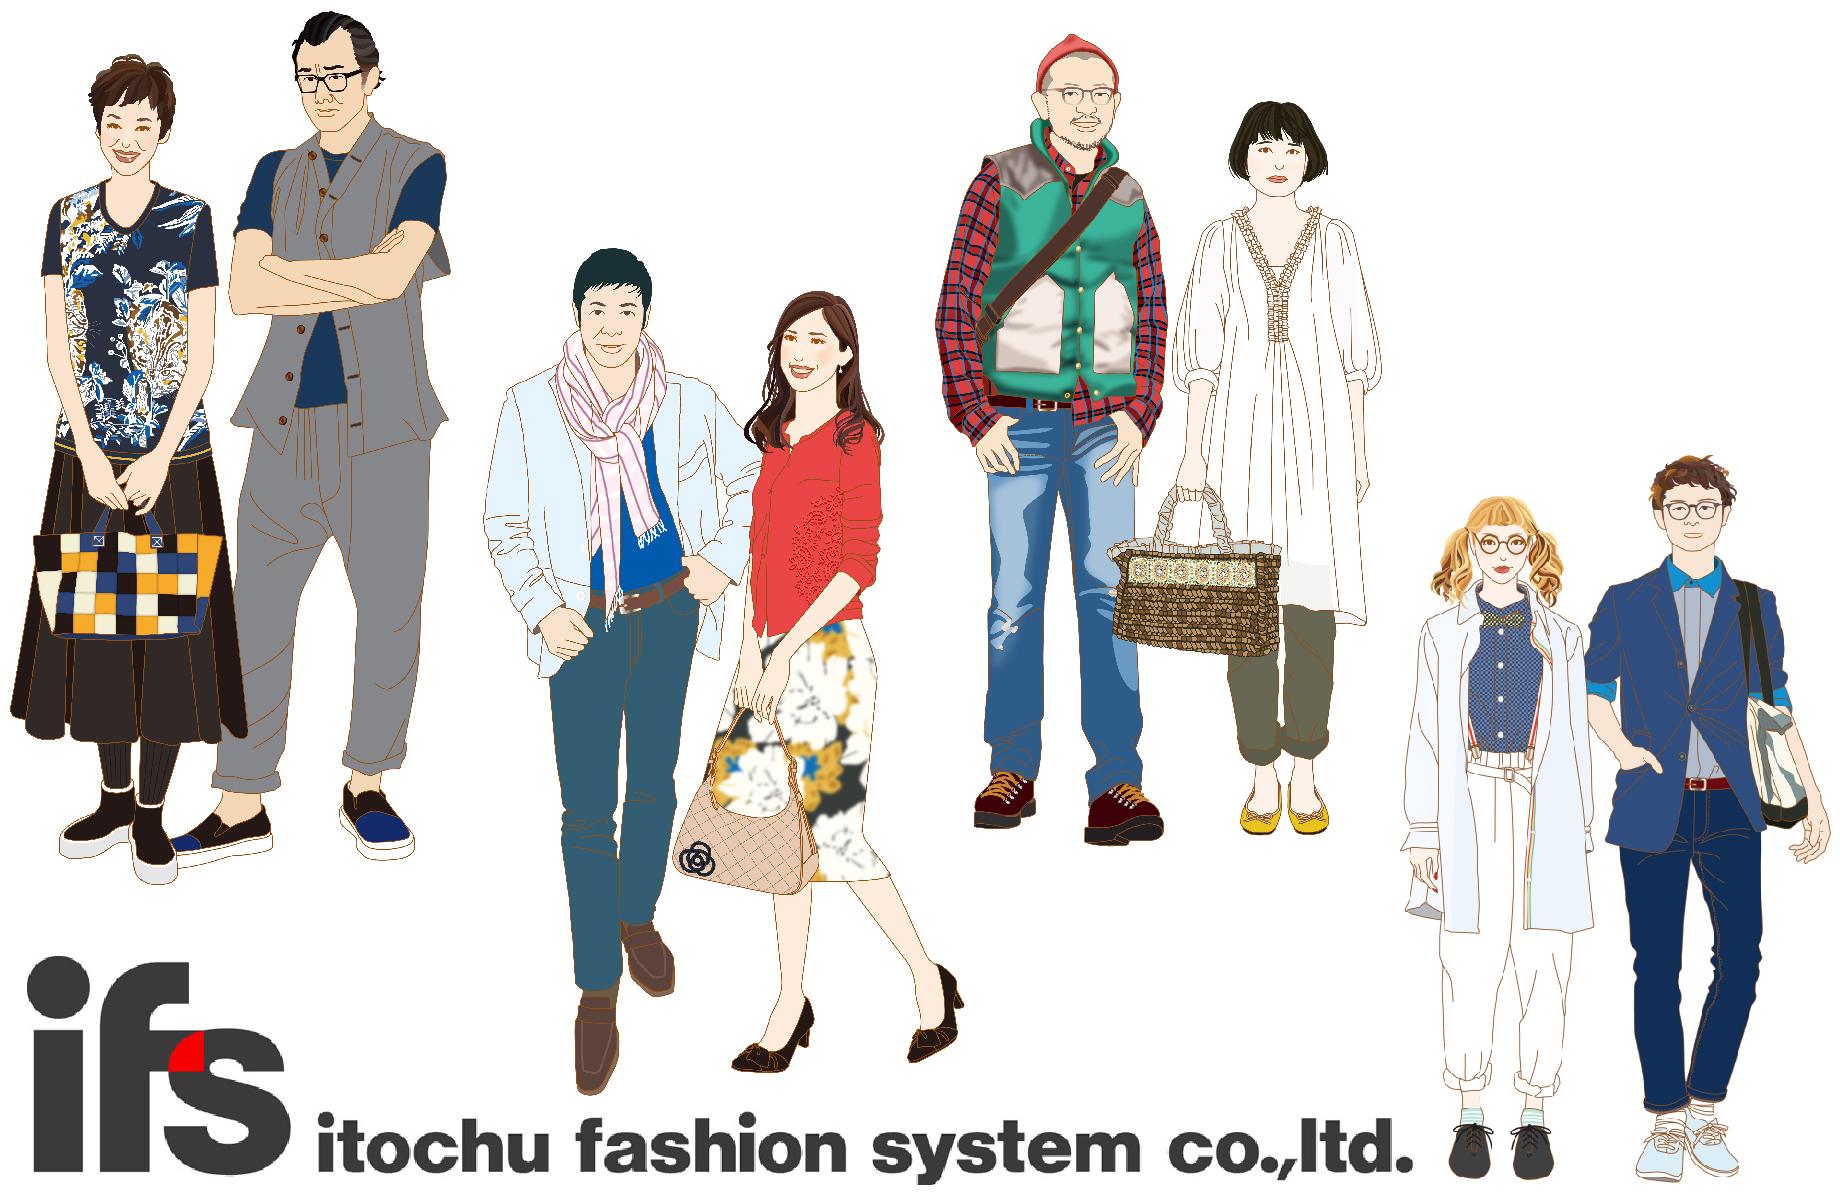 米国ワークアウトトレンド:Active Intelligence | 伊藤忠ファッションシステム株式会社